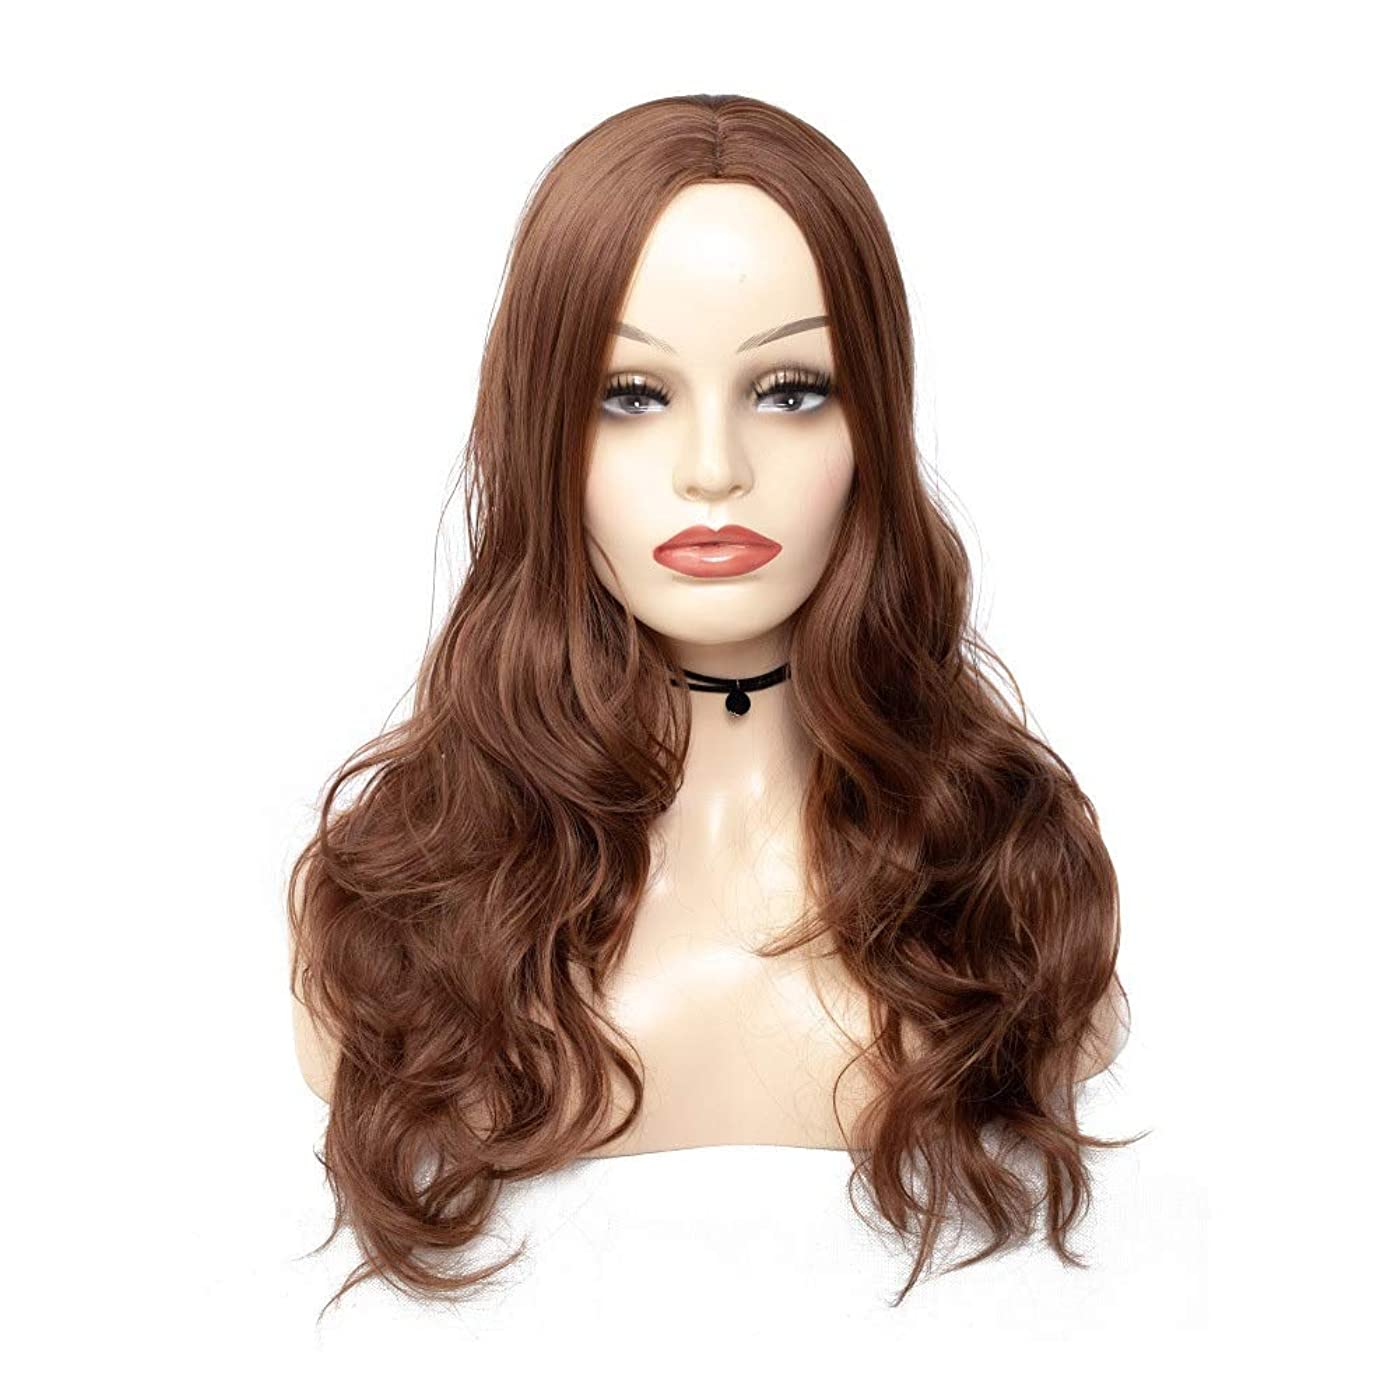 アレンジセッション再生的Yrattary コスプレパーティーパーティーウィッグのための美しい女性の長い茶色の波カーリーウィッグナチュラルフルウィッグ (Color : ブラウン, サイズ : 60cm)